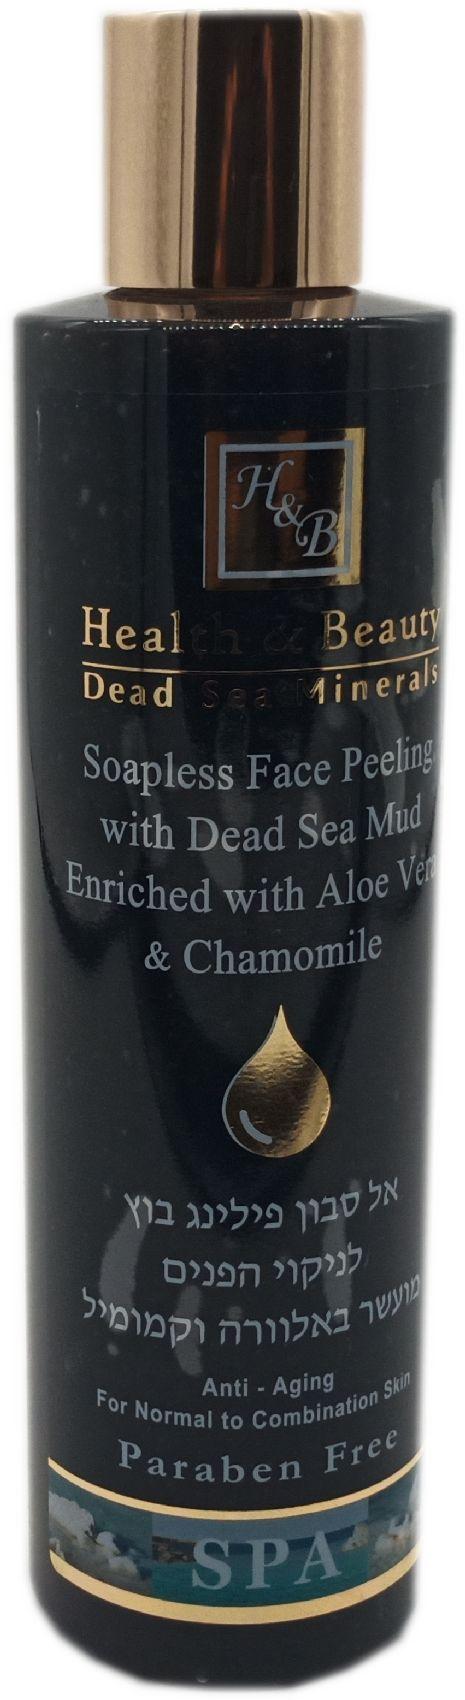 Скраб жидкий для лица с грязью Мёртвого моря с Алоэ Вера и Ромашкой